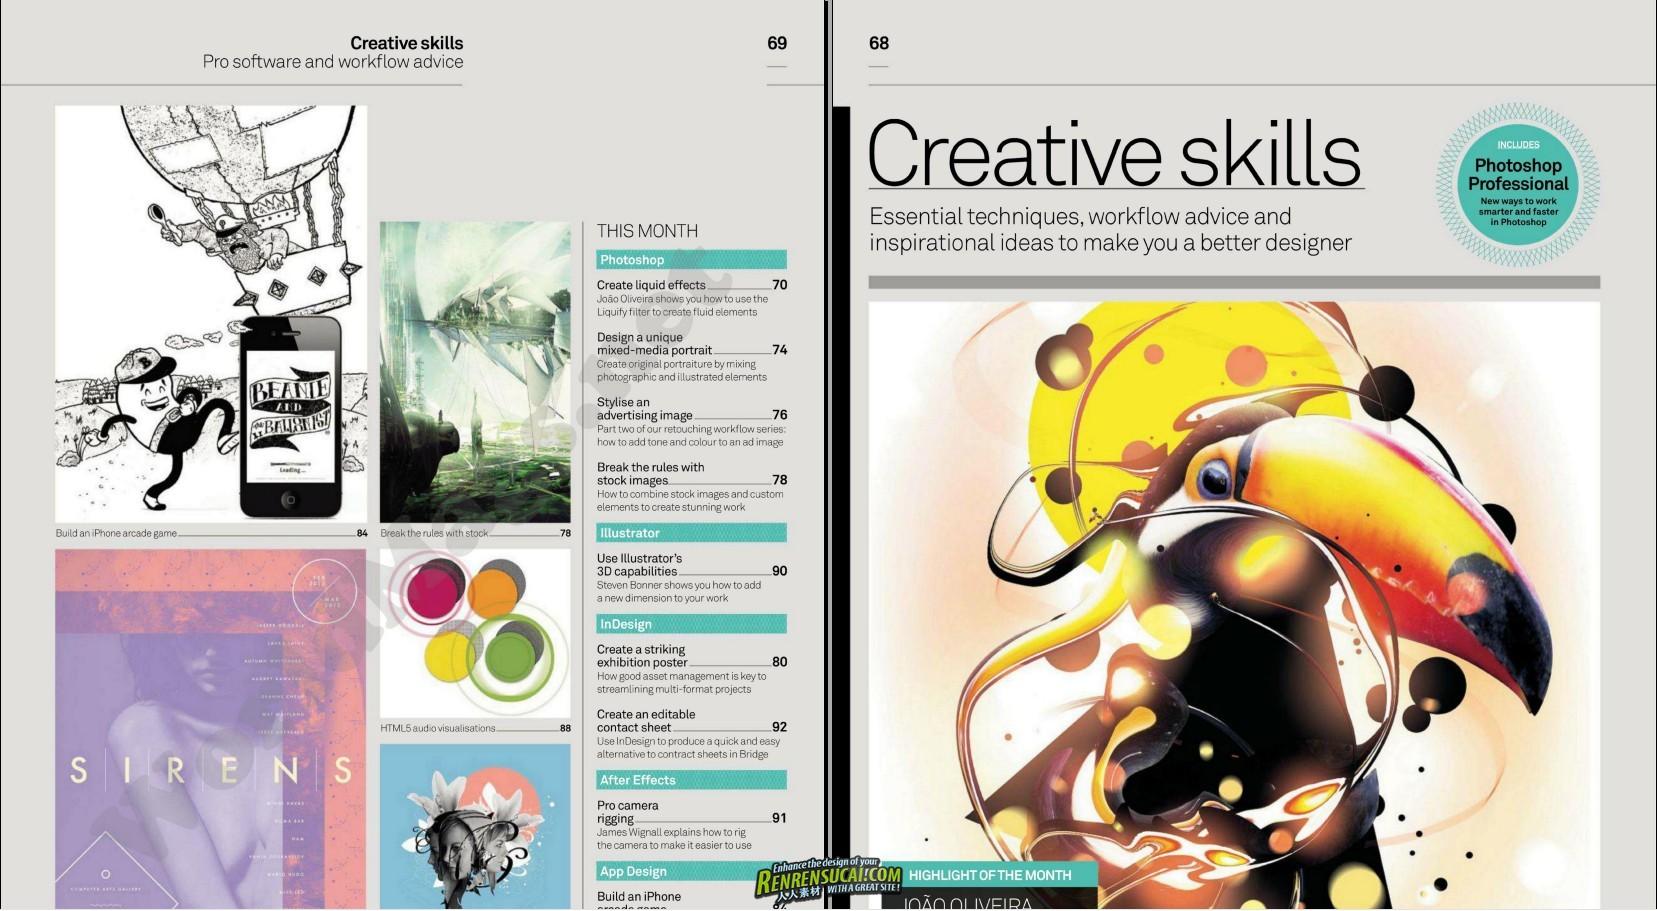 《计算机数字艺术杂志2012年2月刊》Computer Arts February 2012